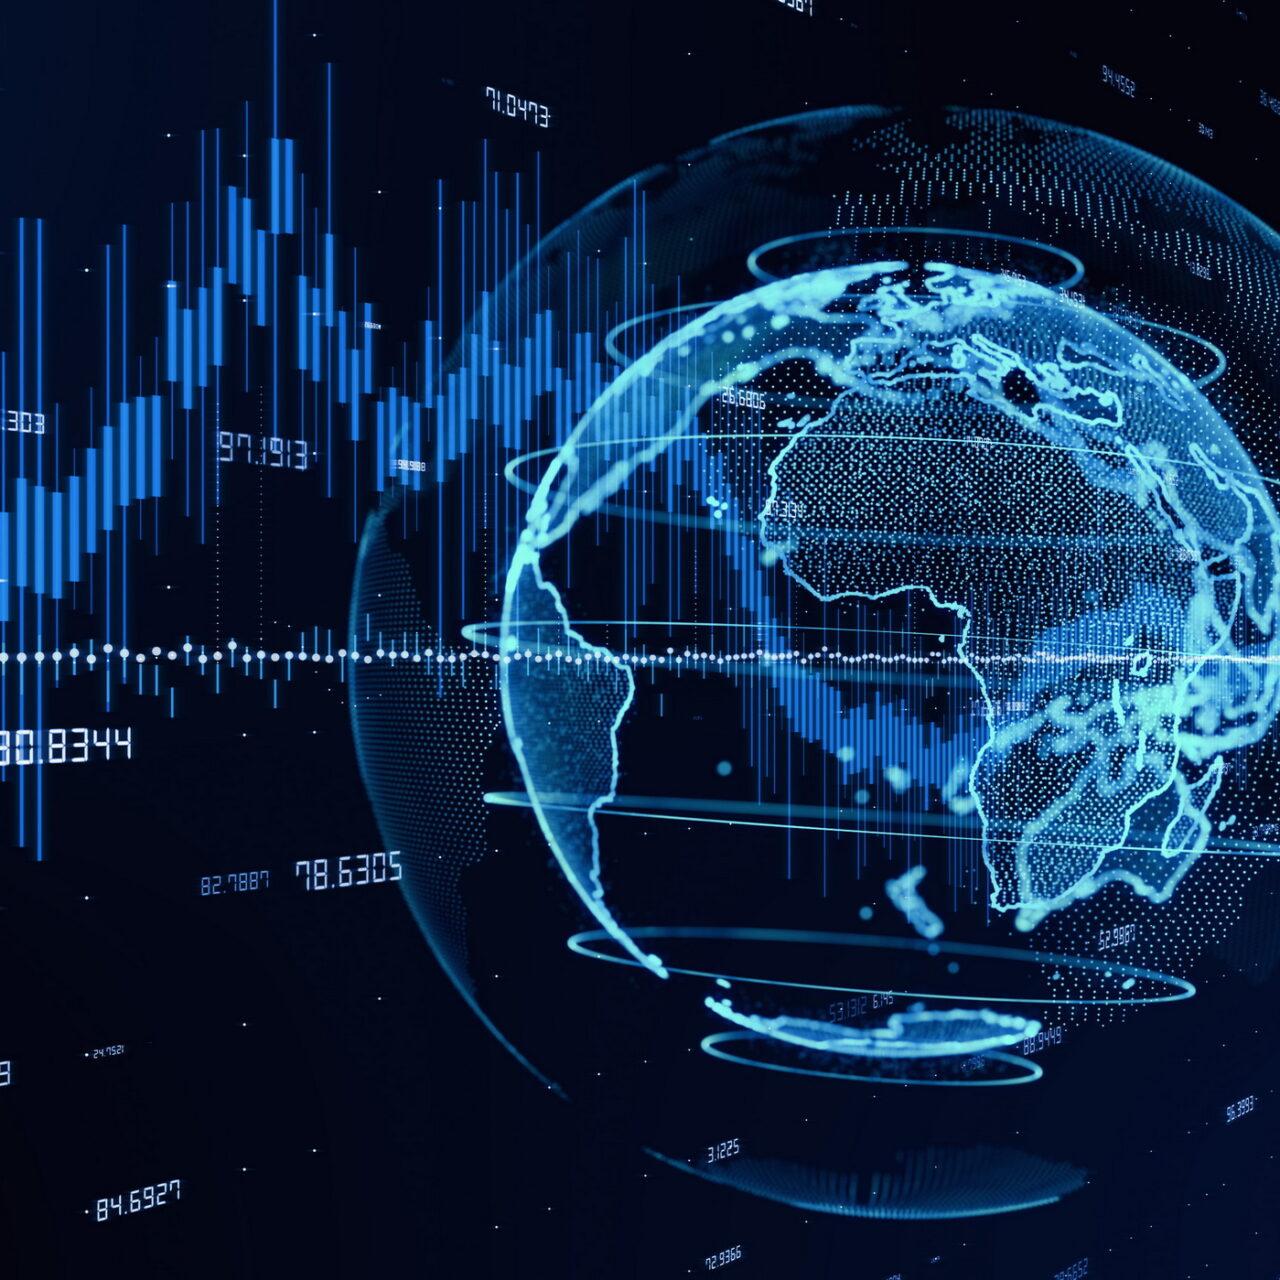 Globale Aktien sind weiterhin attraktiv